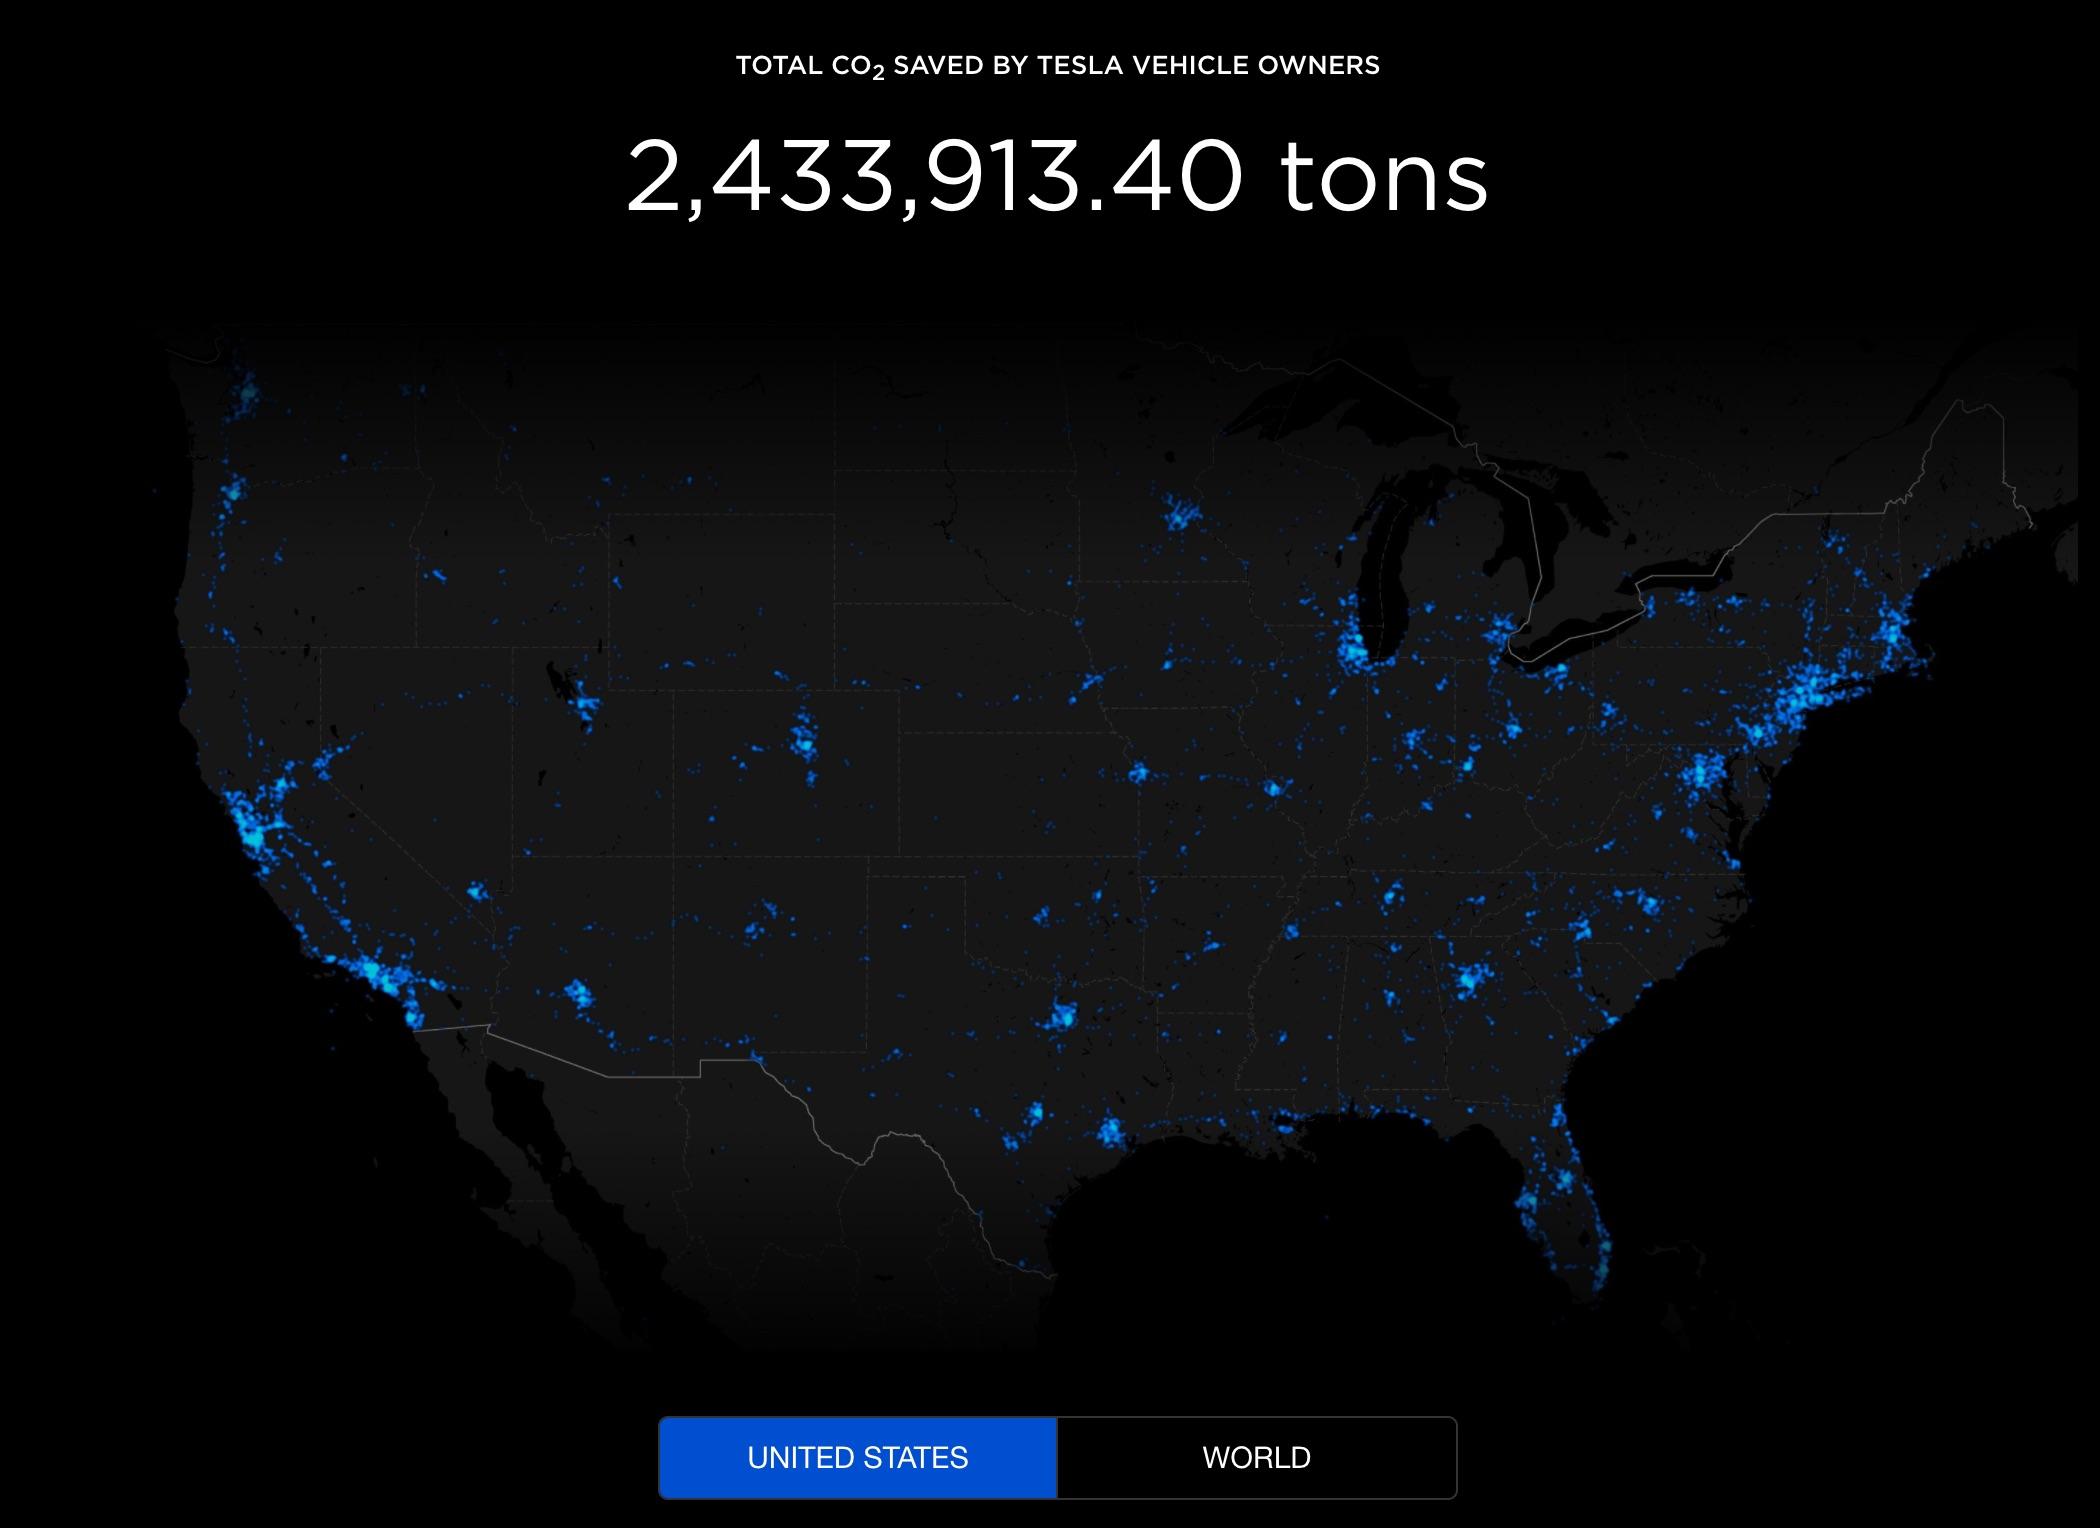 tesla-carbon-emissions-offset-map